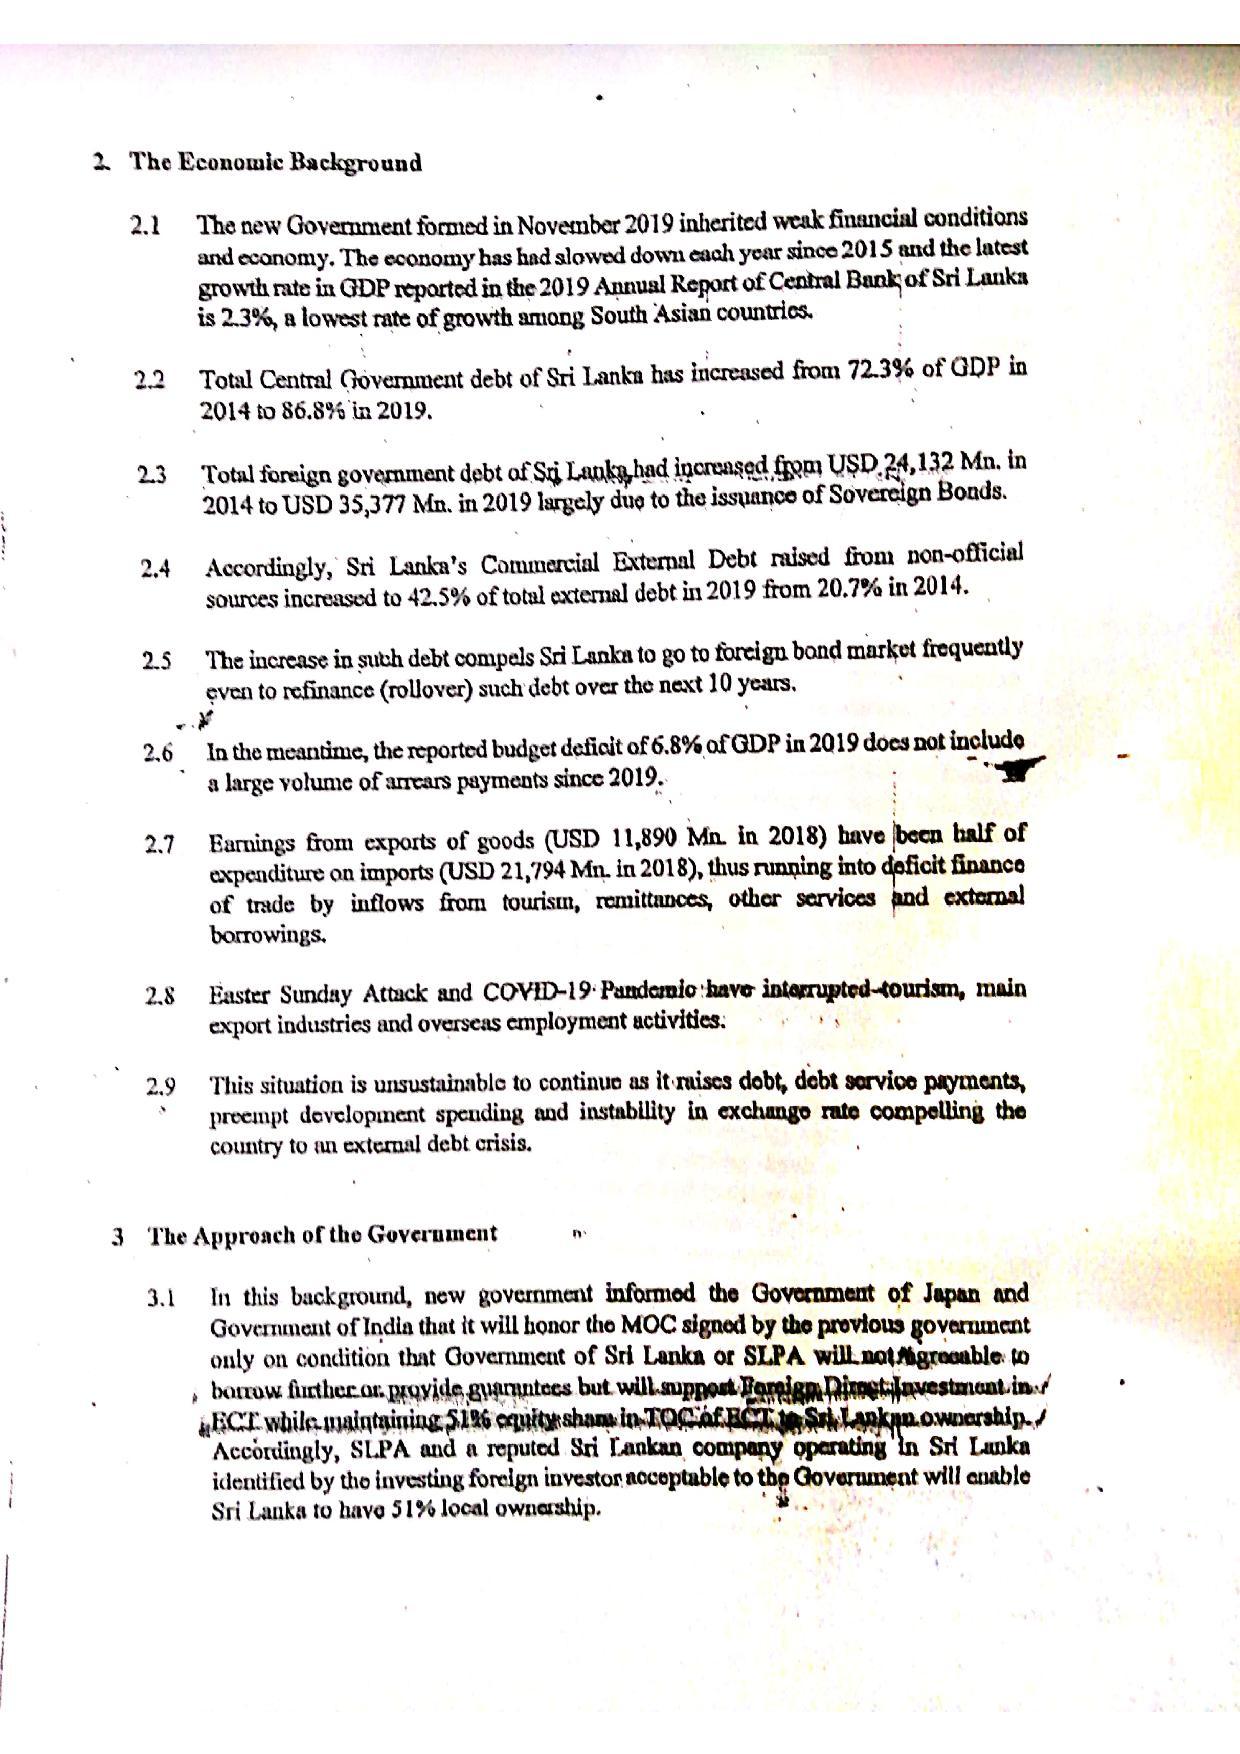 June 2020 Sri Lanka Cabinet Memo p.2